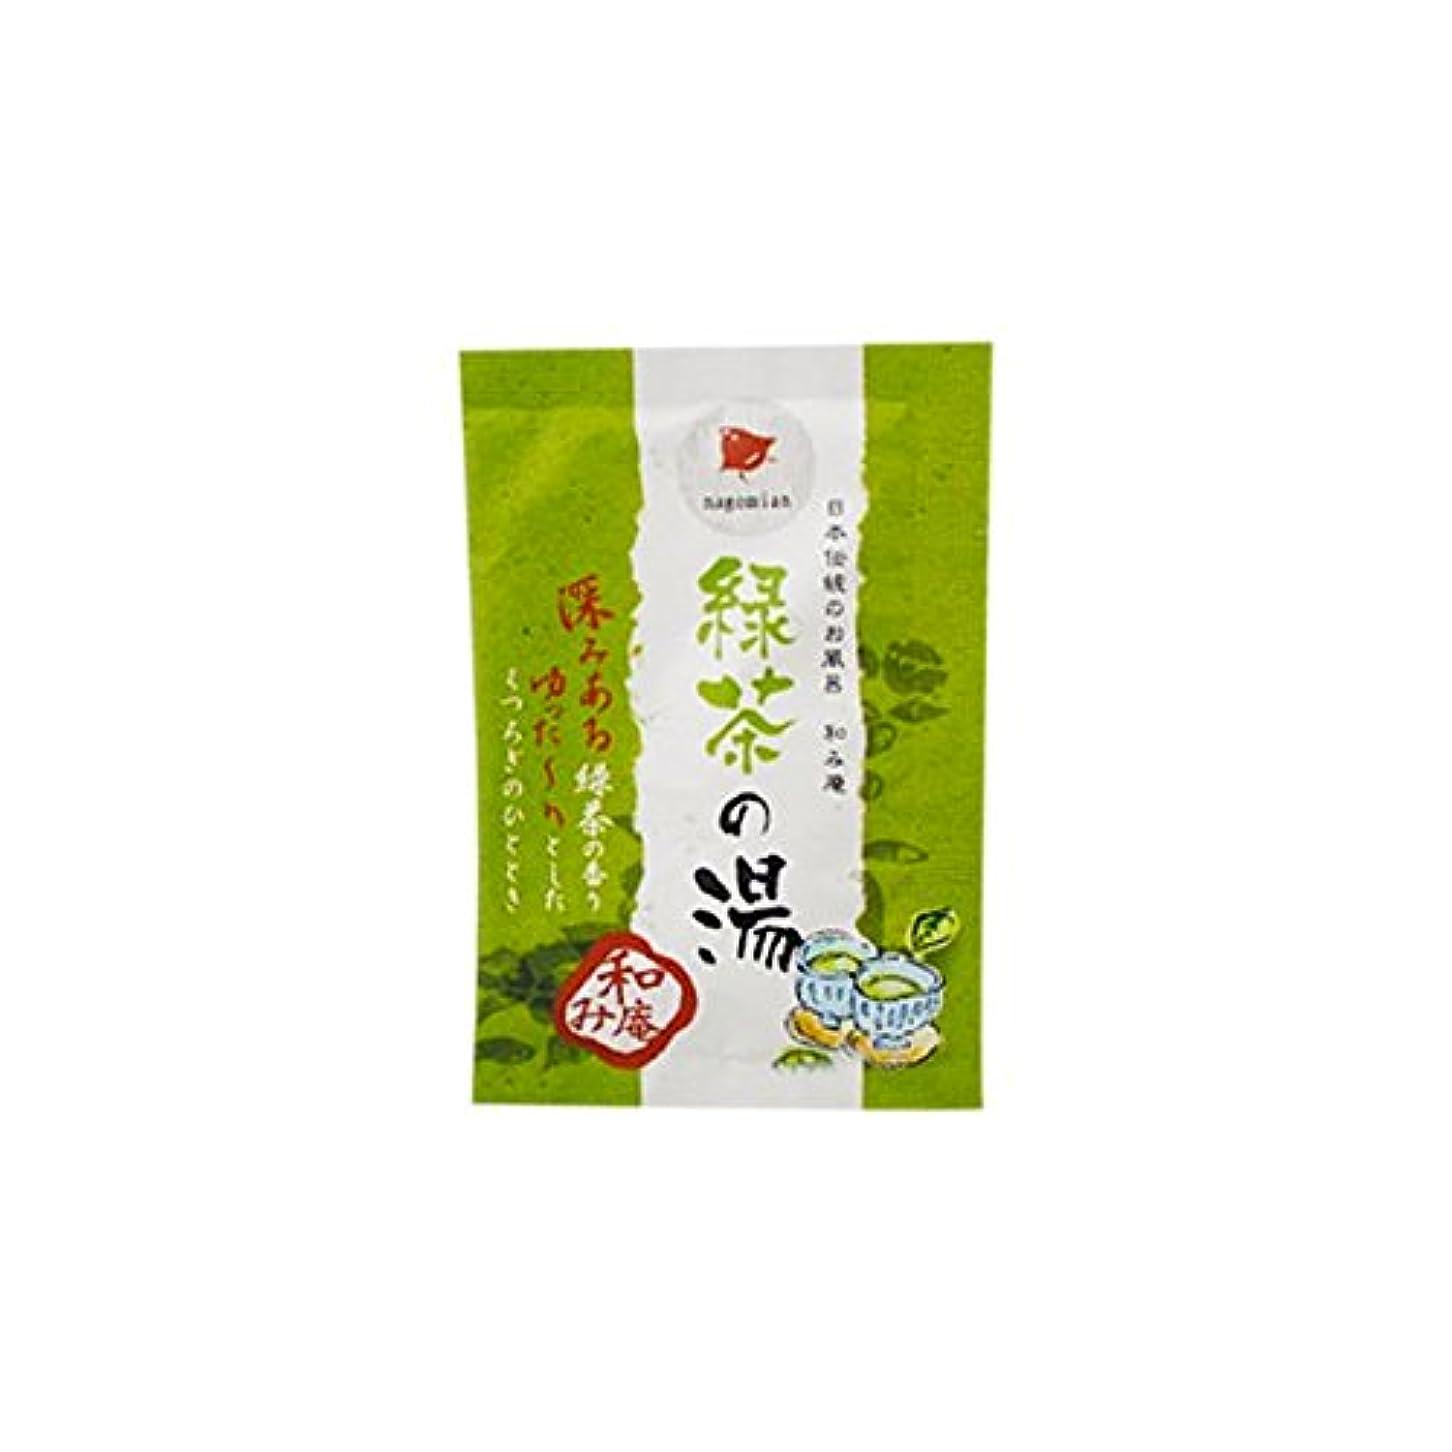 論理的リード管理する和み庵 入浴剤 「緑茶の湯」30個